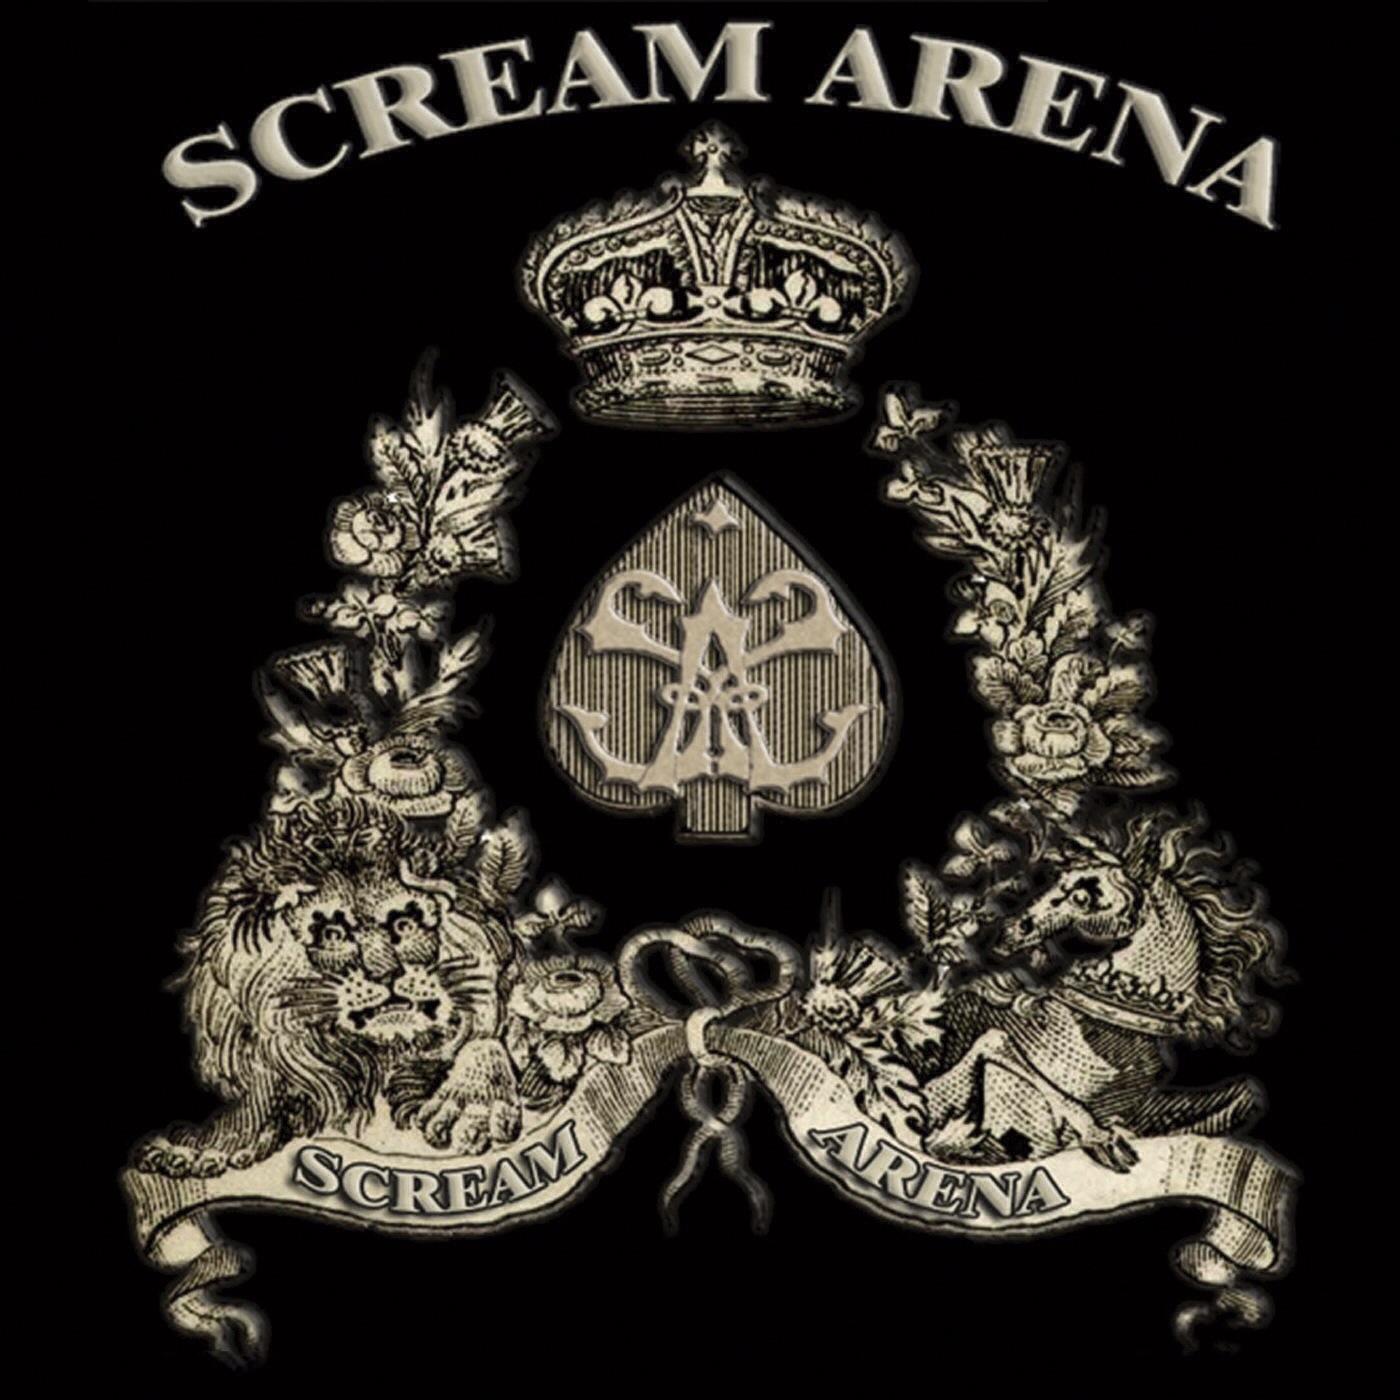 Scream Arena – Scream Arena